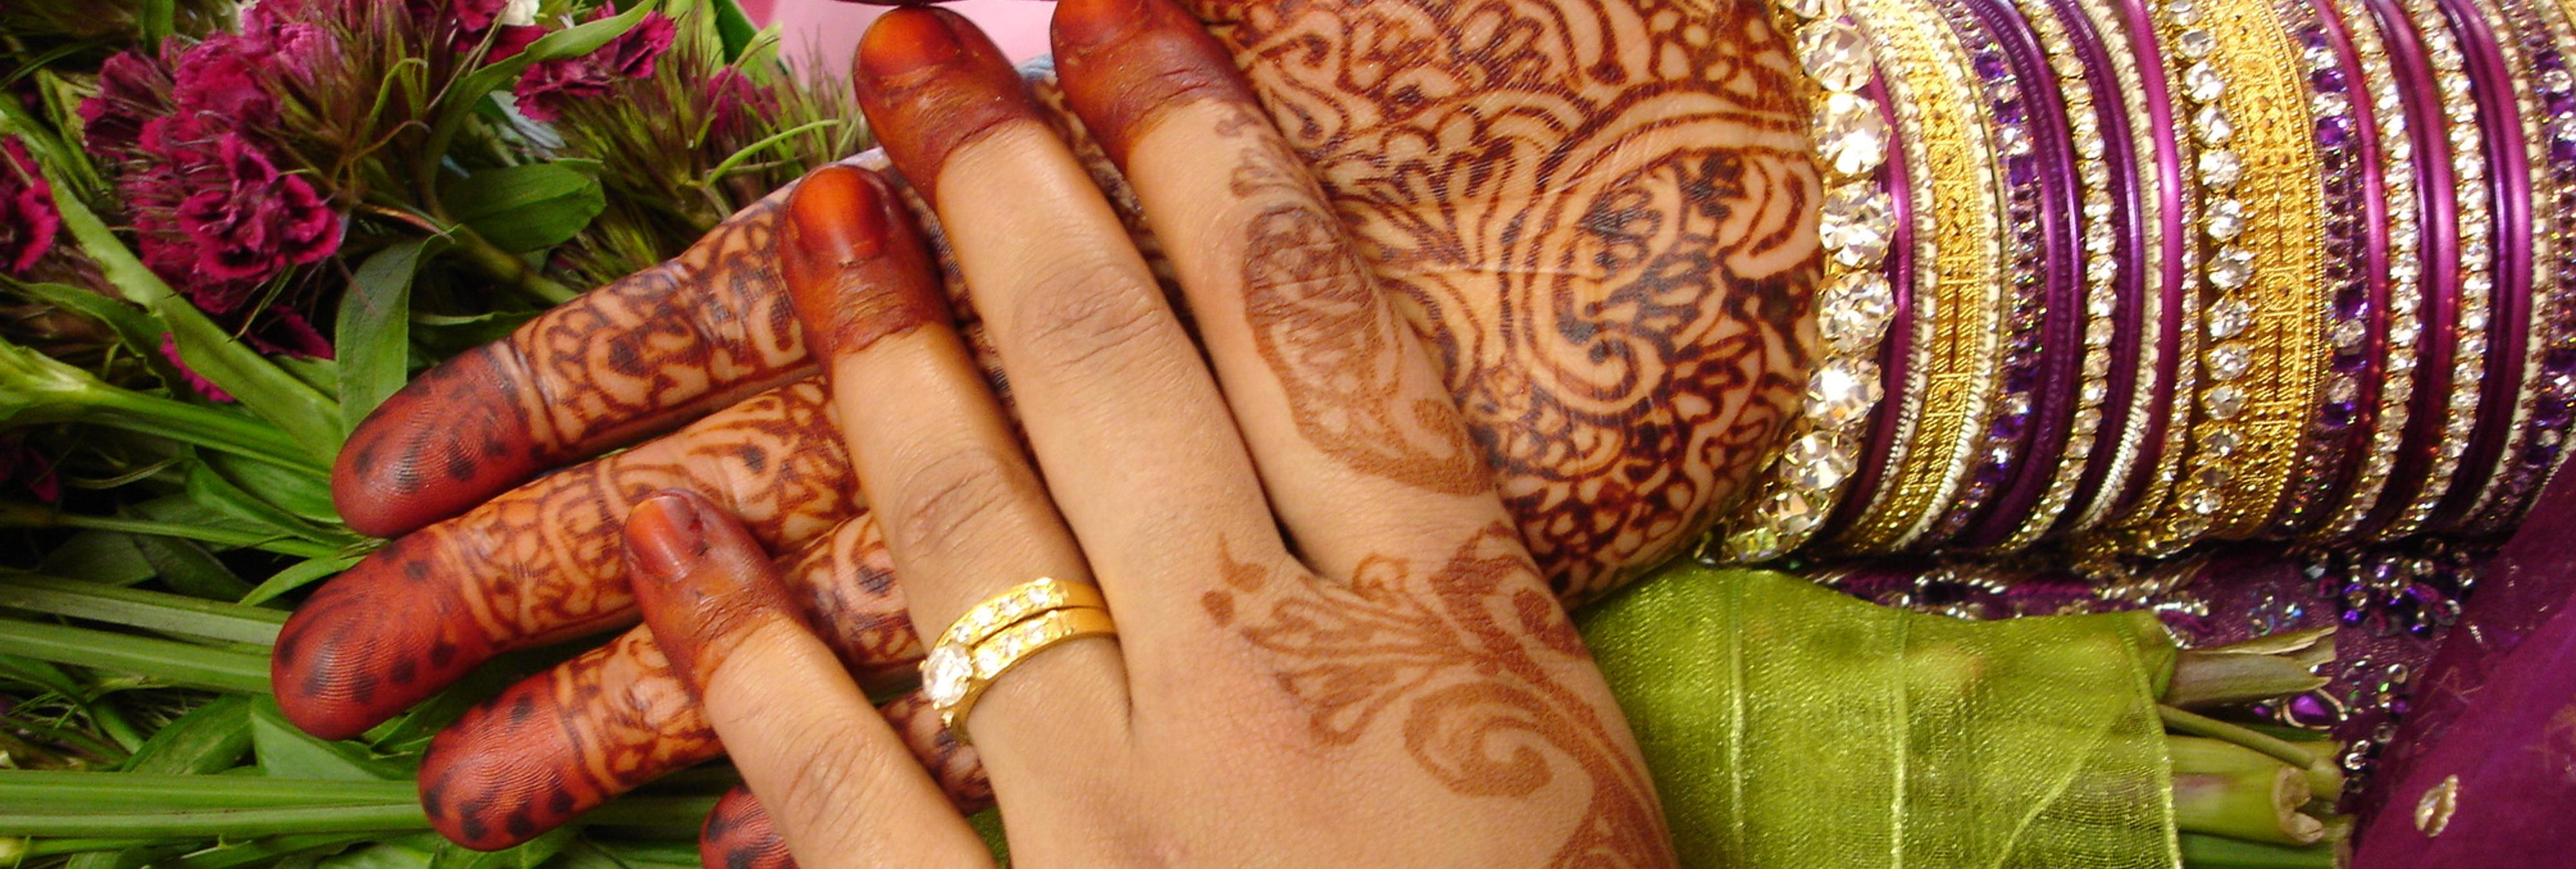 Cada siete segundos una niña menor de 15 años es obligada a casarse